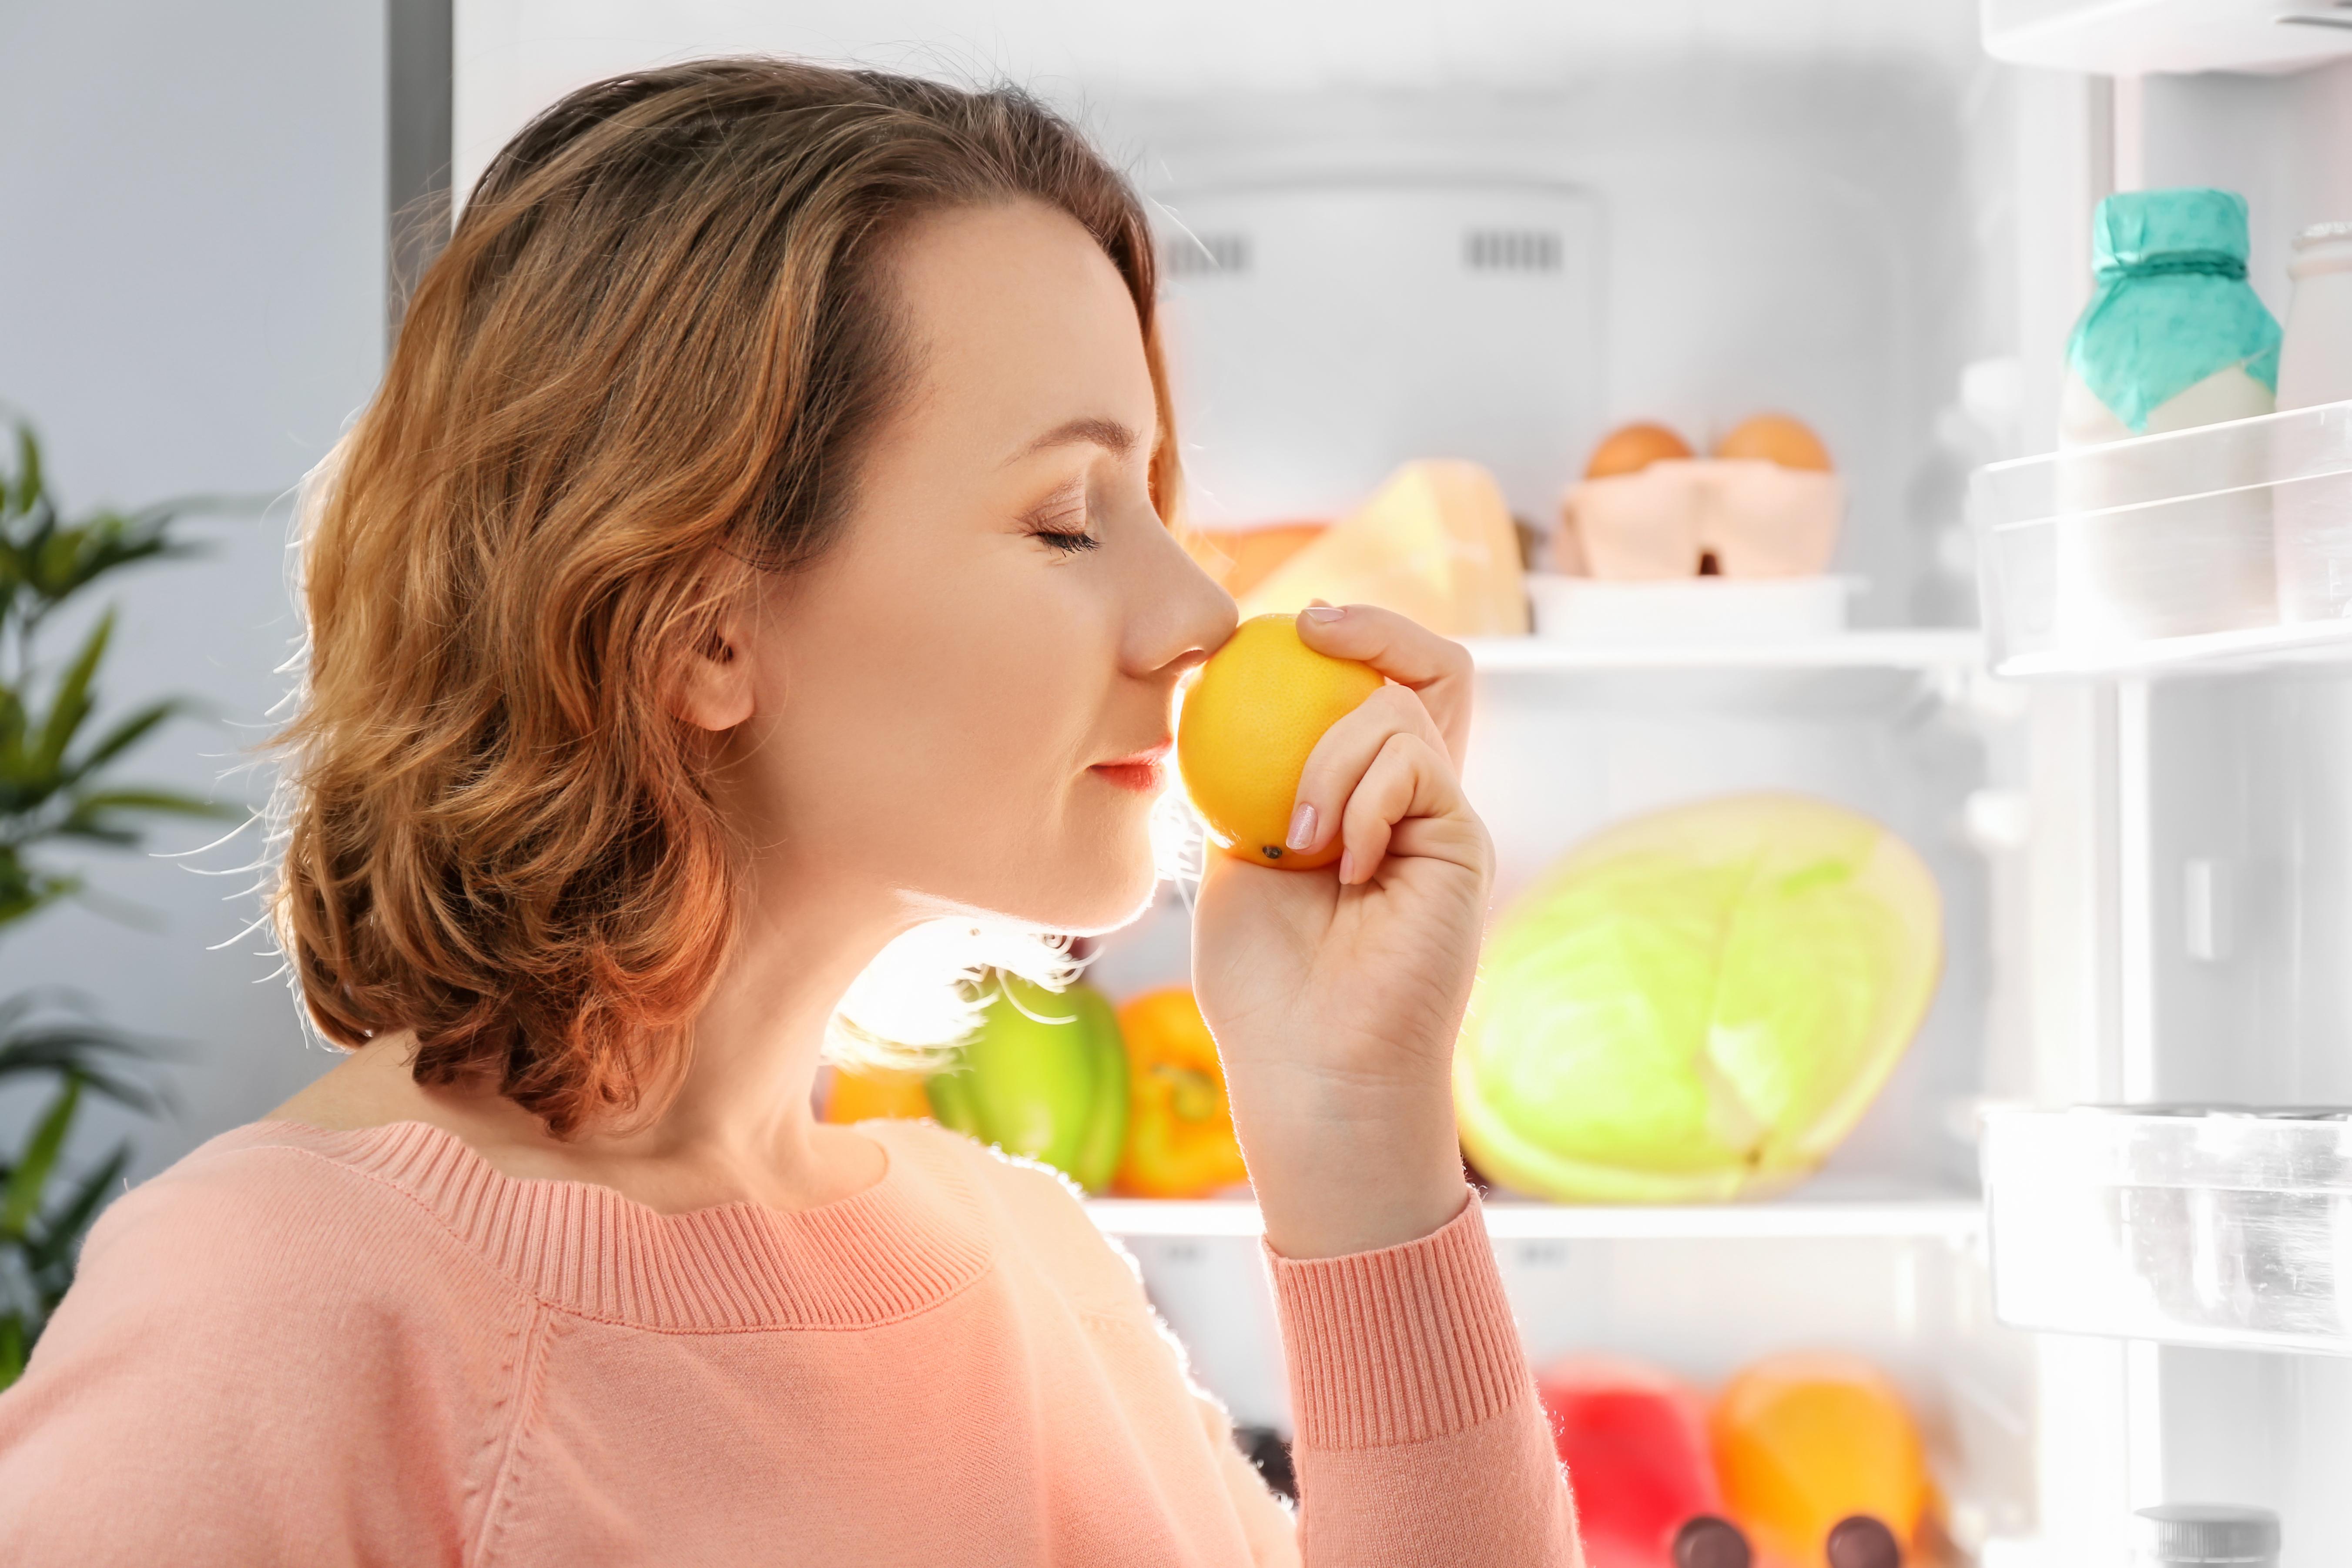 Att ha tappat luktsinnet kan vara handikappande, eftersom man inte känner dofter och även smaksinnet blir nedsatt.